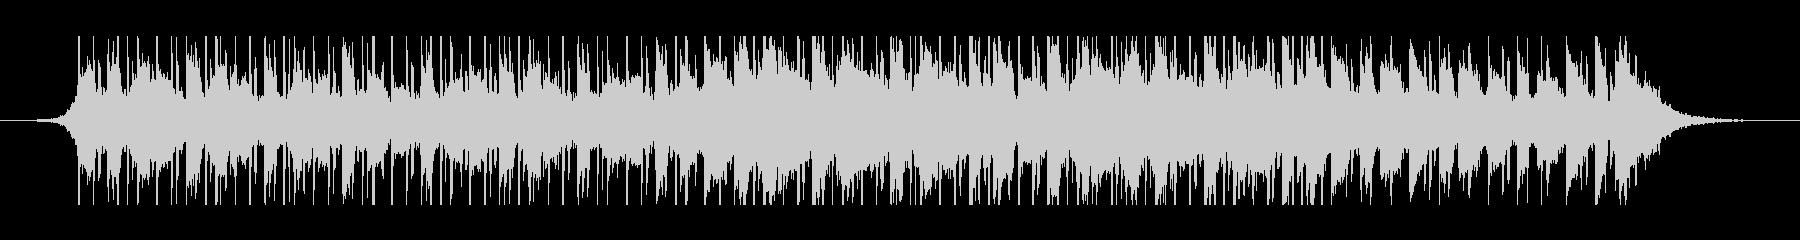 中東のラマダン(60秒)の未再生の波形